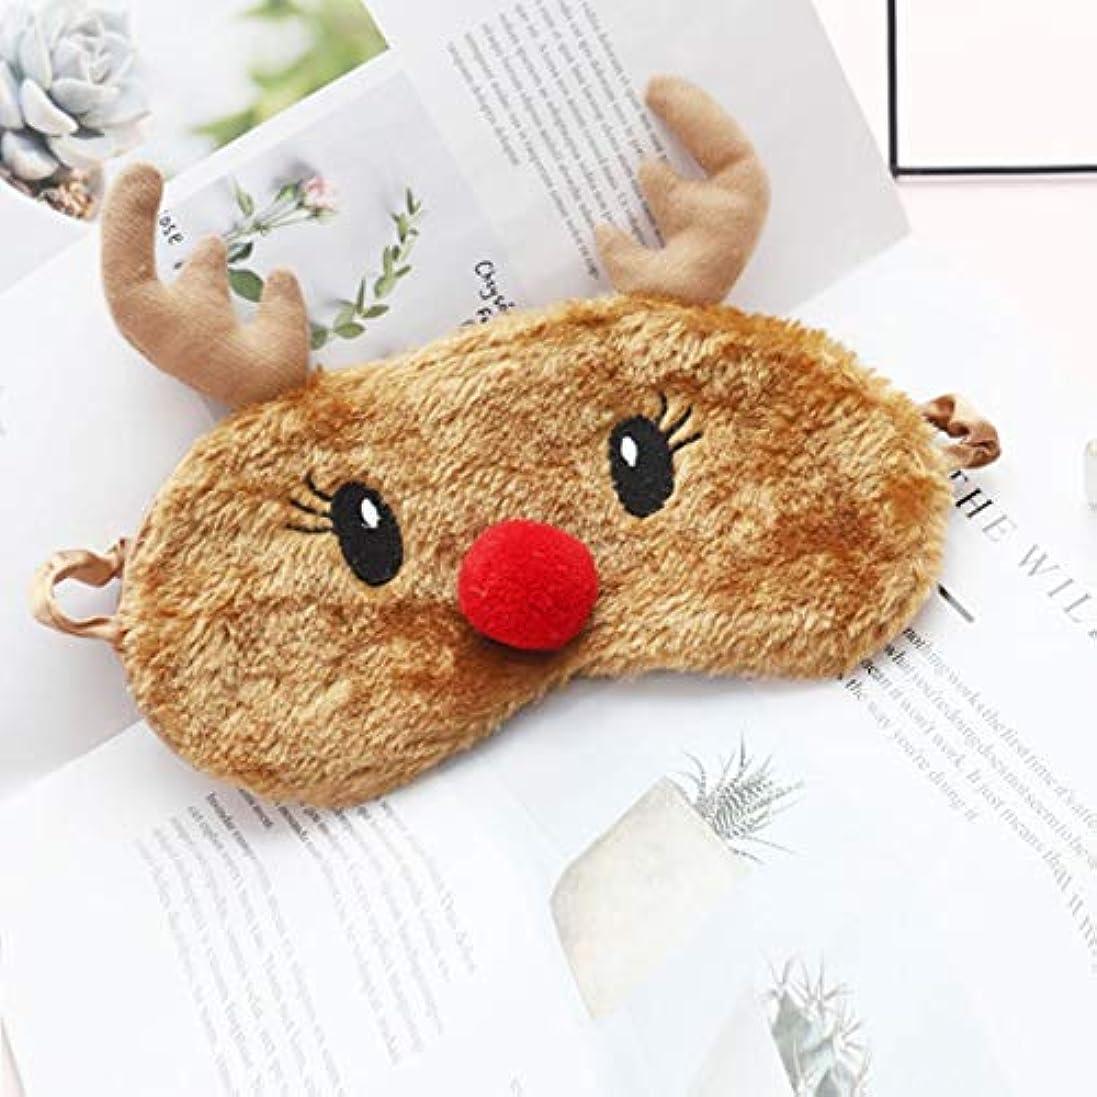 歩き回る意志告発Intercoreyトナカイアイブリンダーぬいぐるみ睡眠マスククリスマス用の調整可能な睡眠マスクかわいい動物睡眠アイマスク